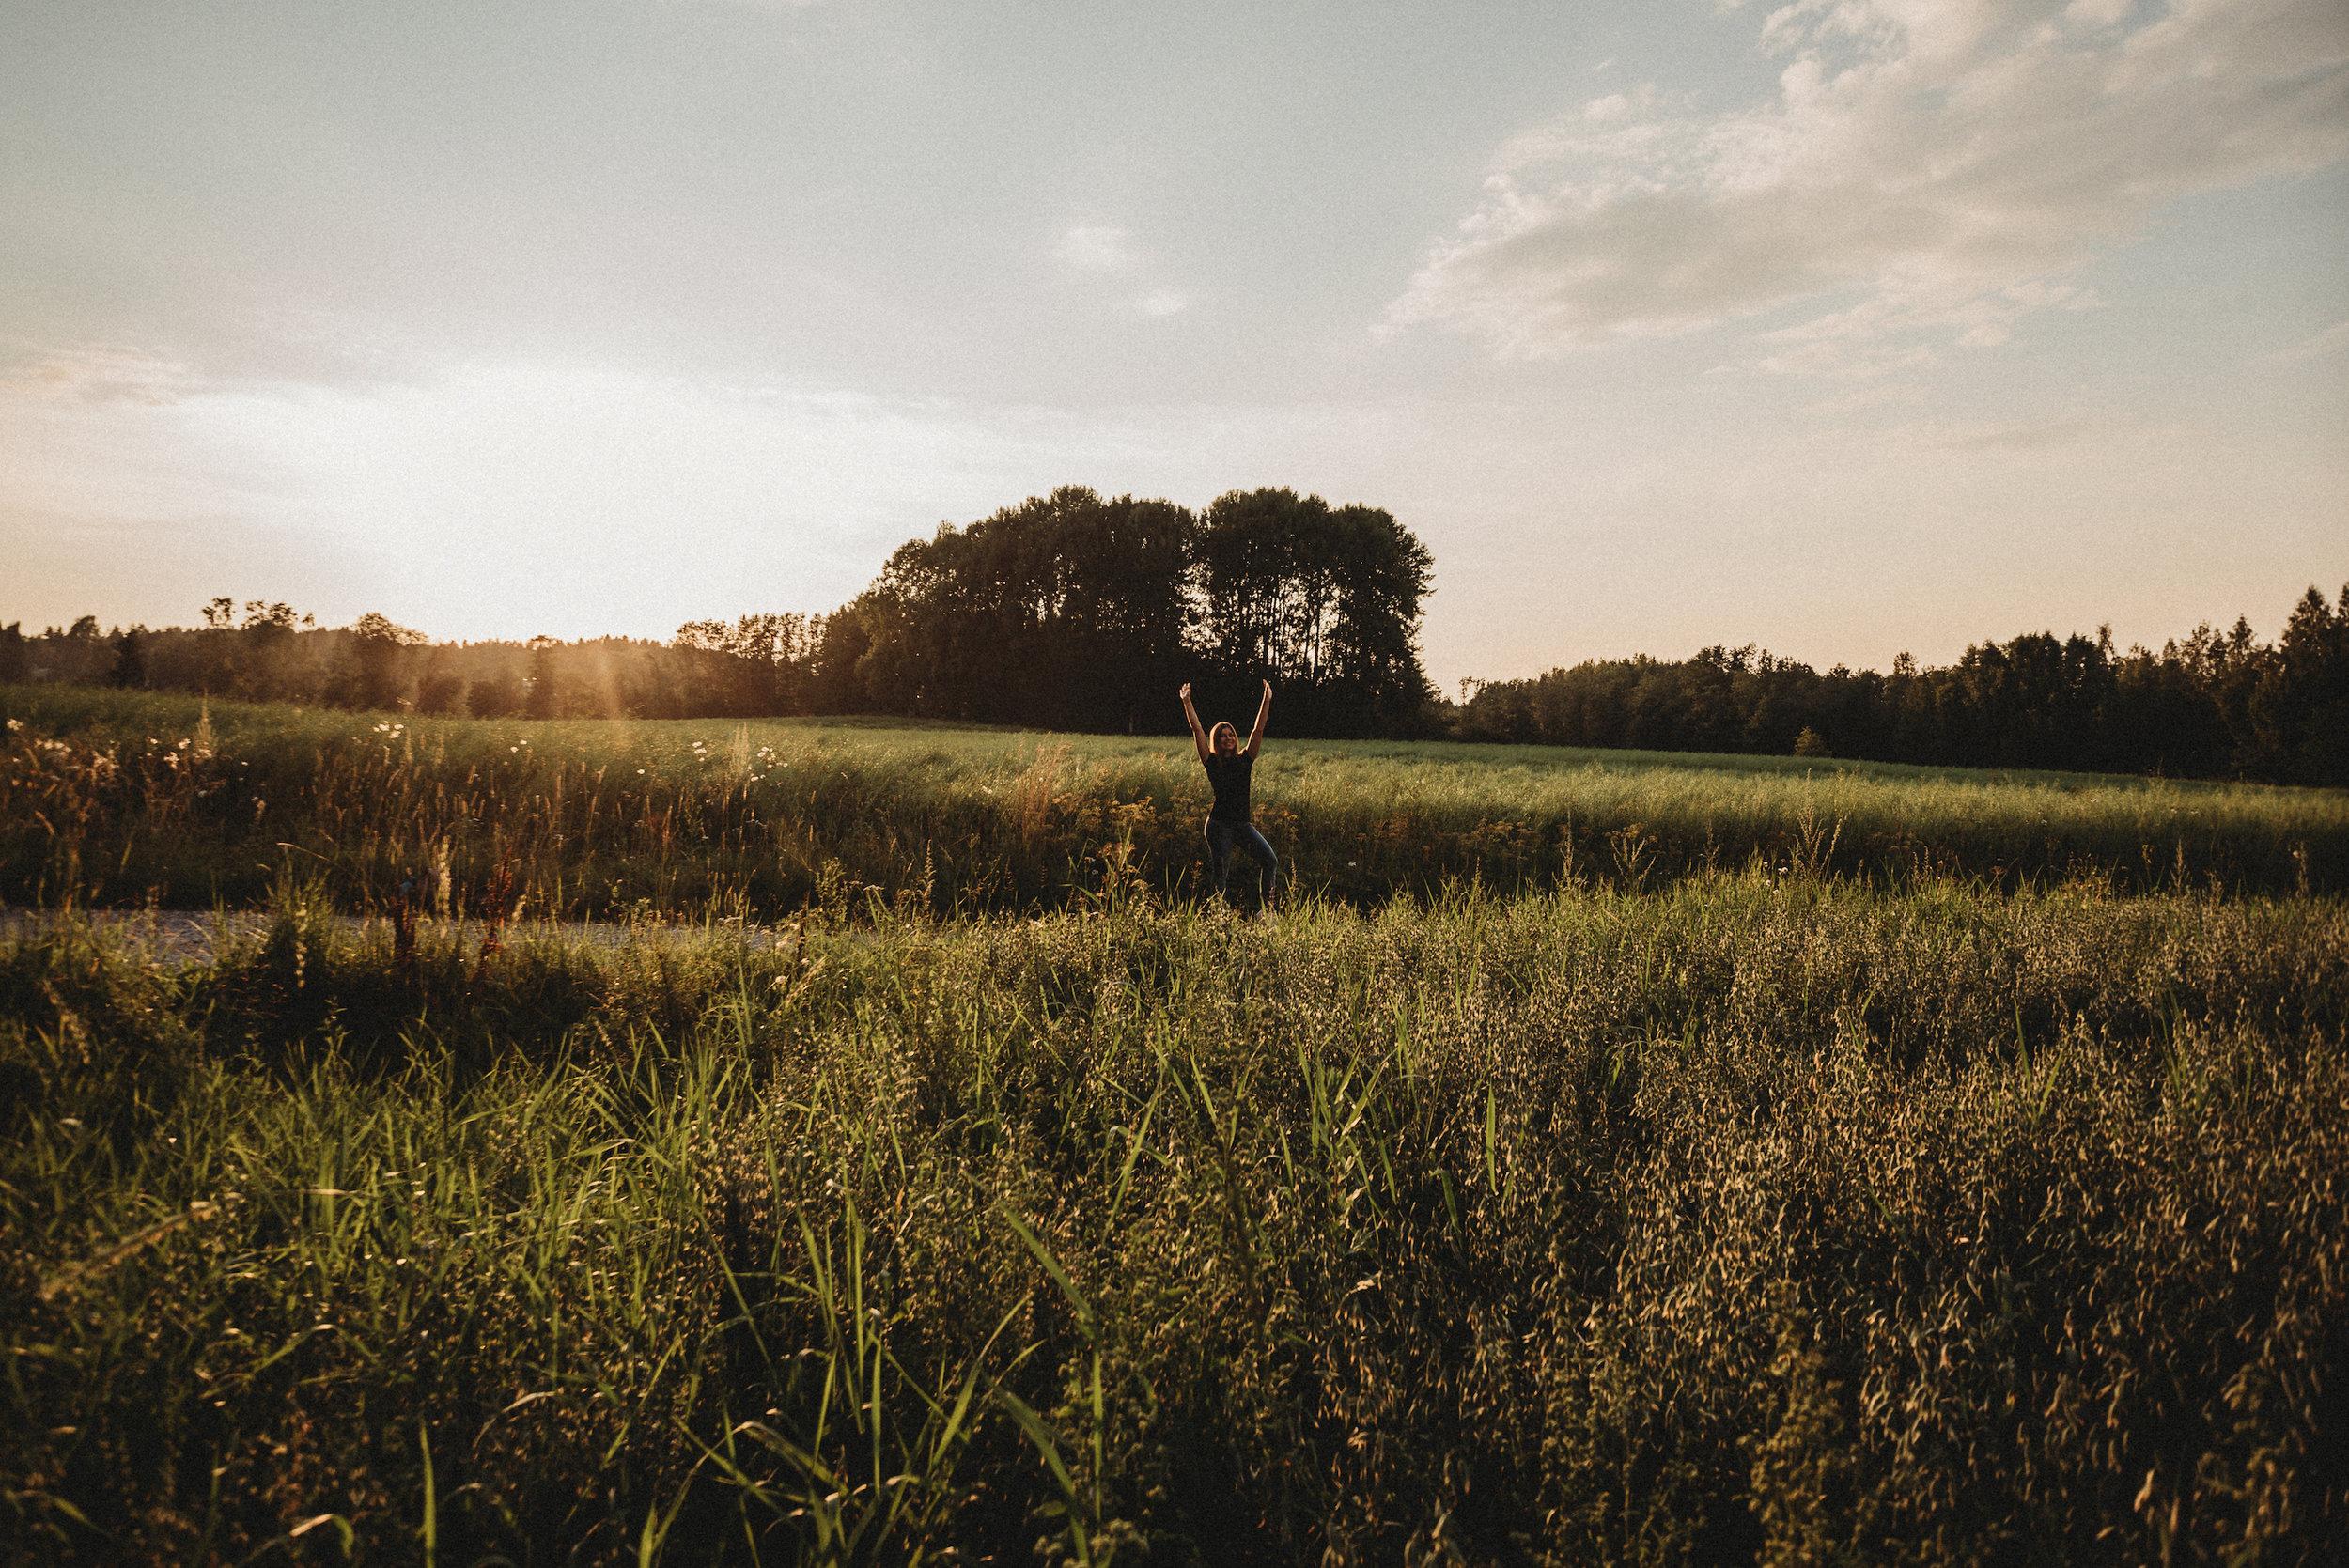 hääkuvaus perhekuvaus lapsikuvaus miljöökuvaus valokuvaaja hämeenlinna valokuvaus parikuvaus ystävänpäivä